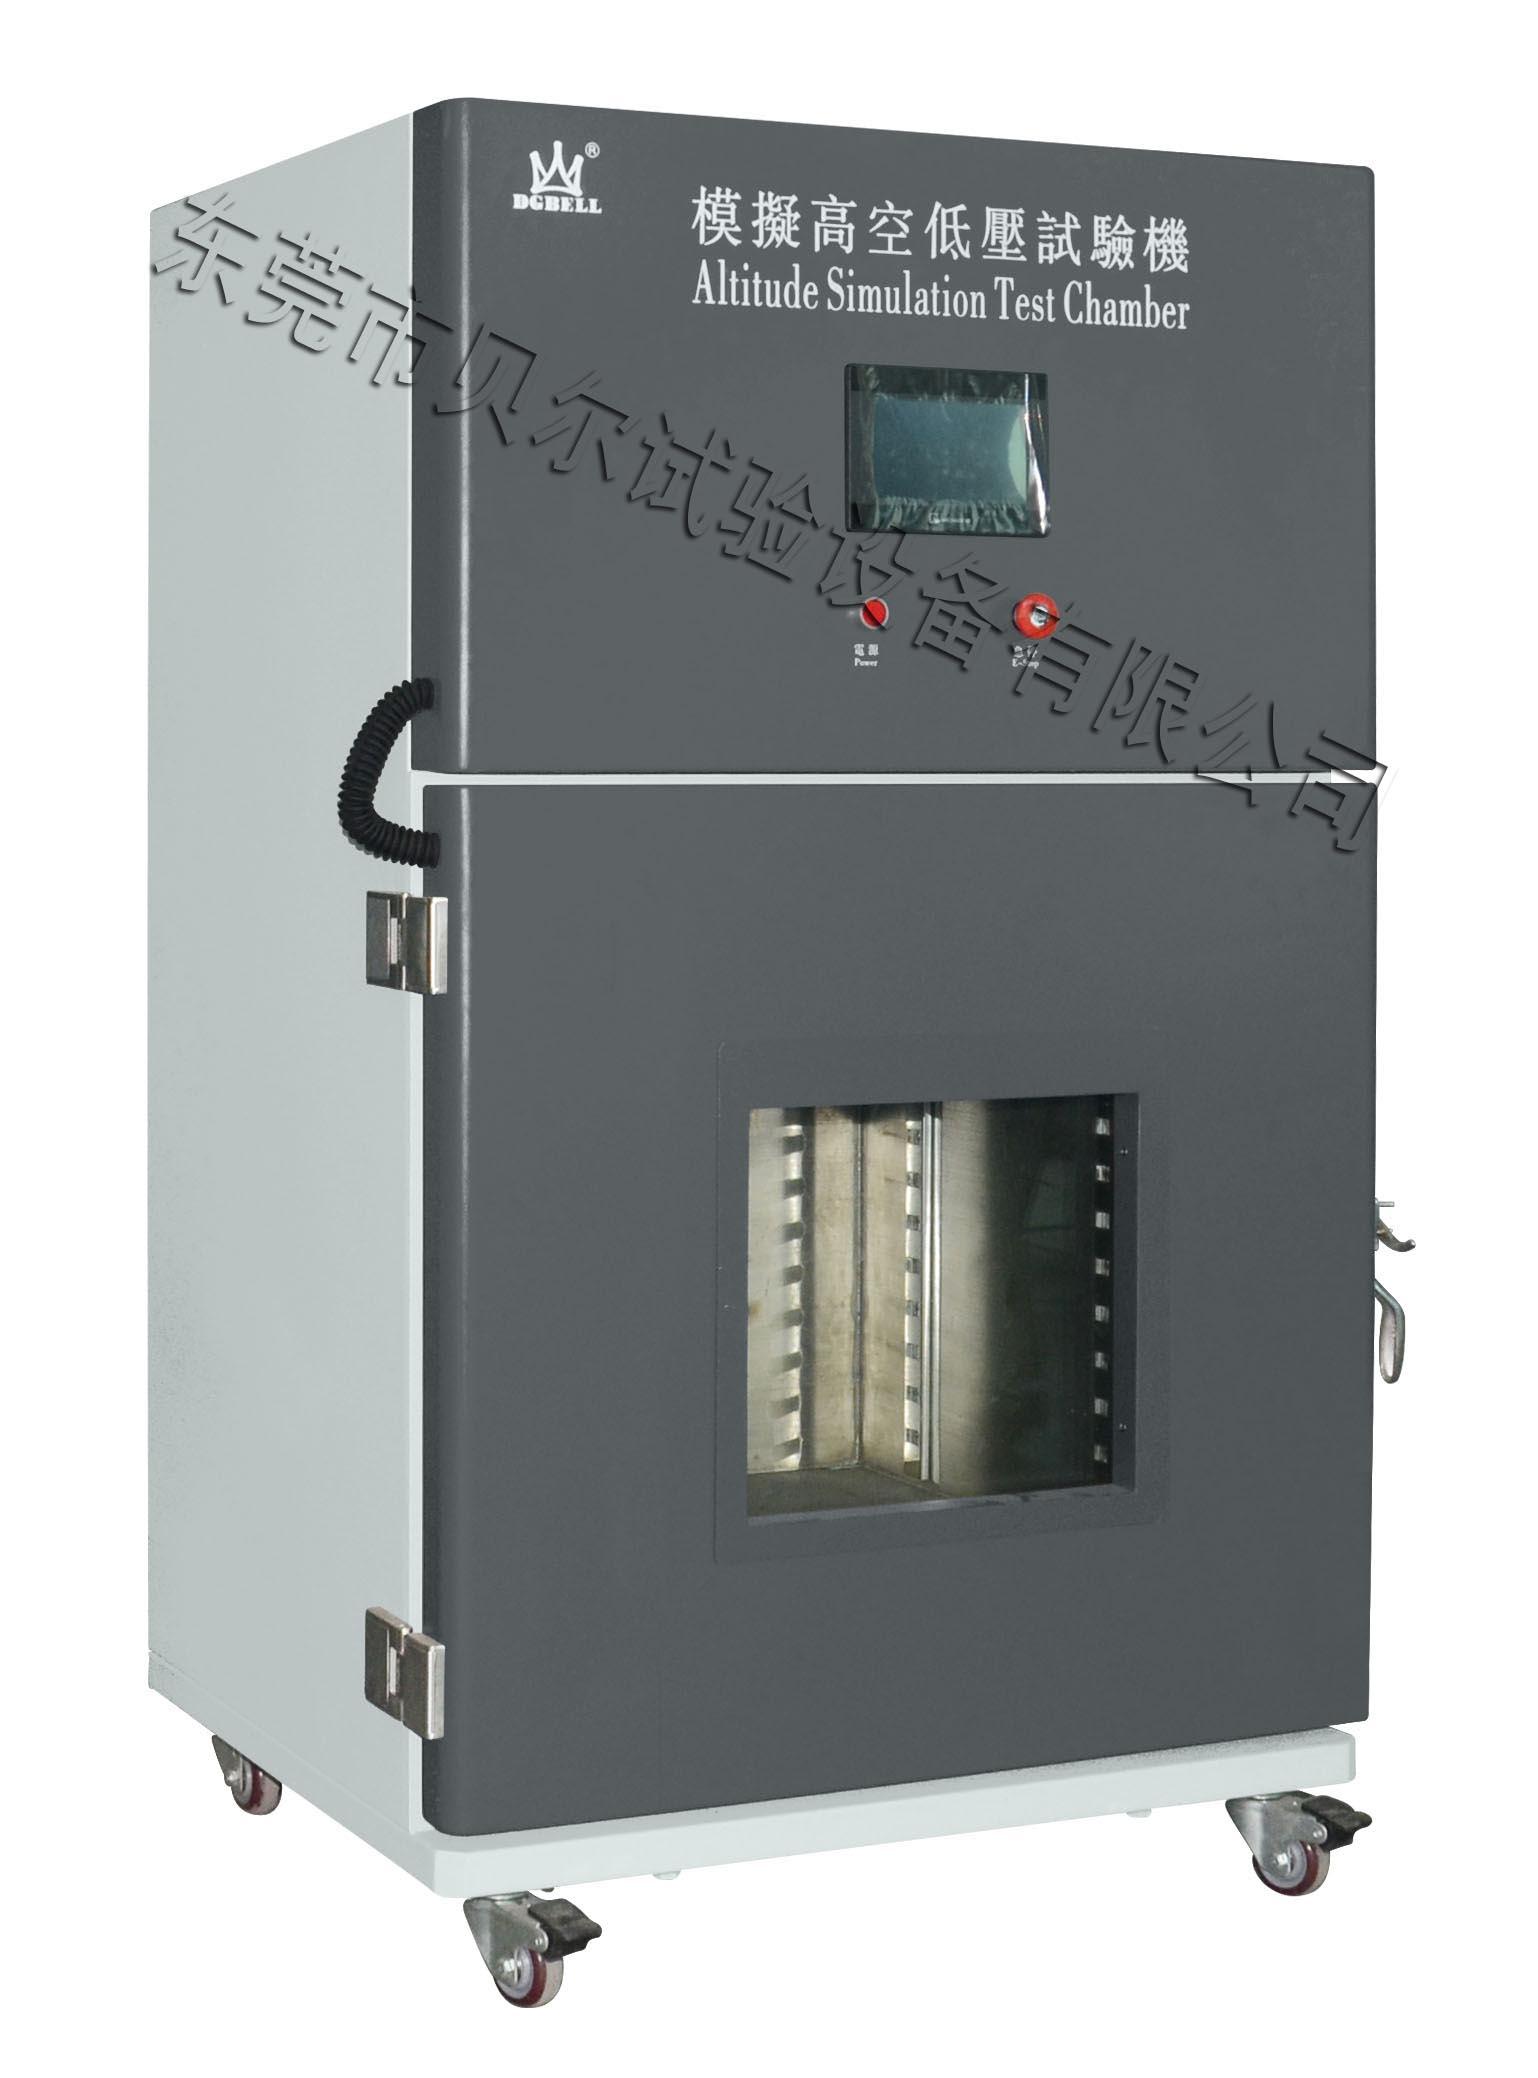 模拟高海拔低压测试的高空低压试验机